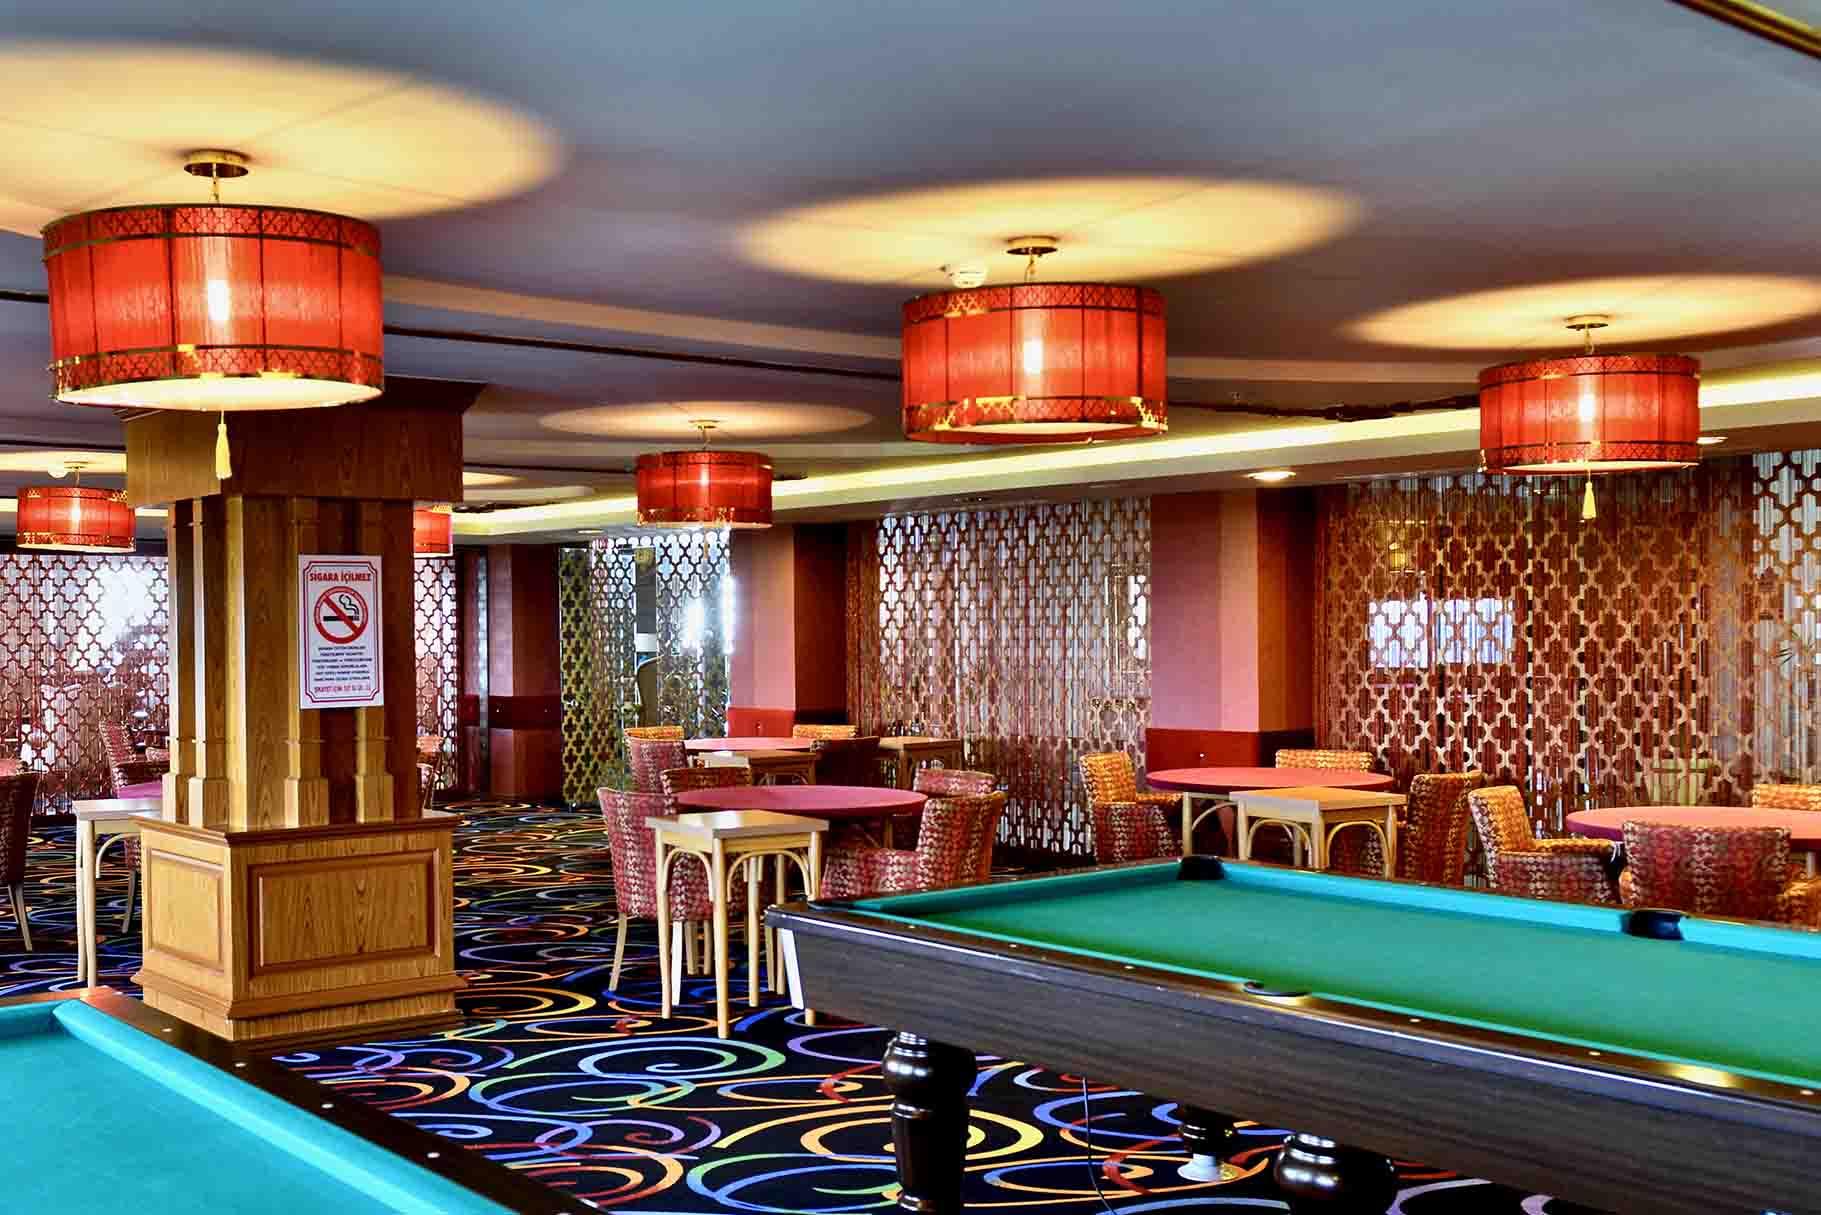 ADENYA HOTEL262286